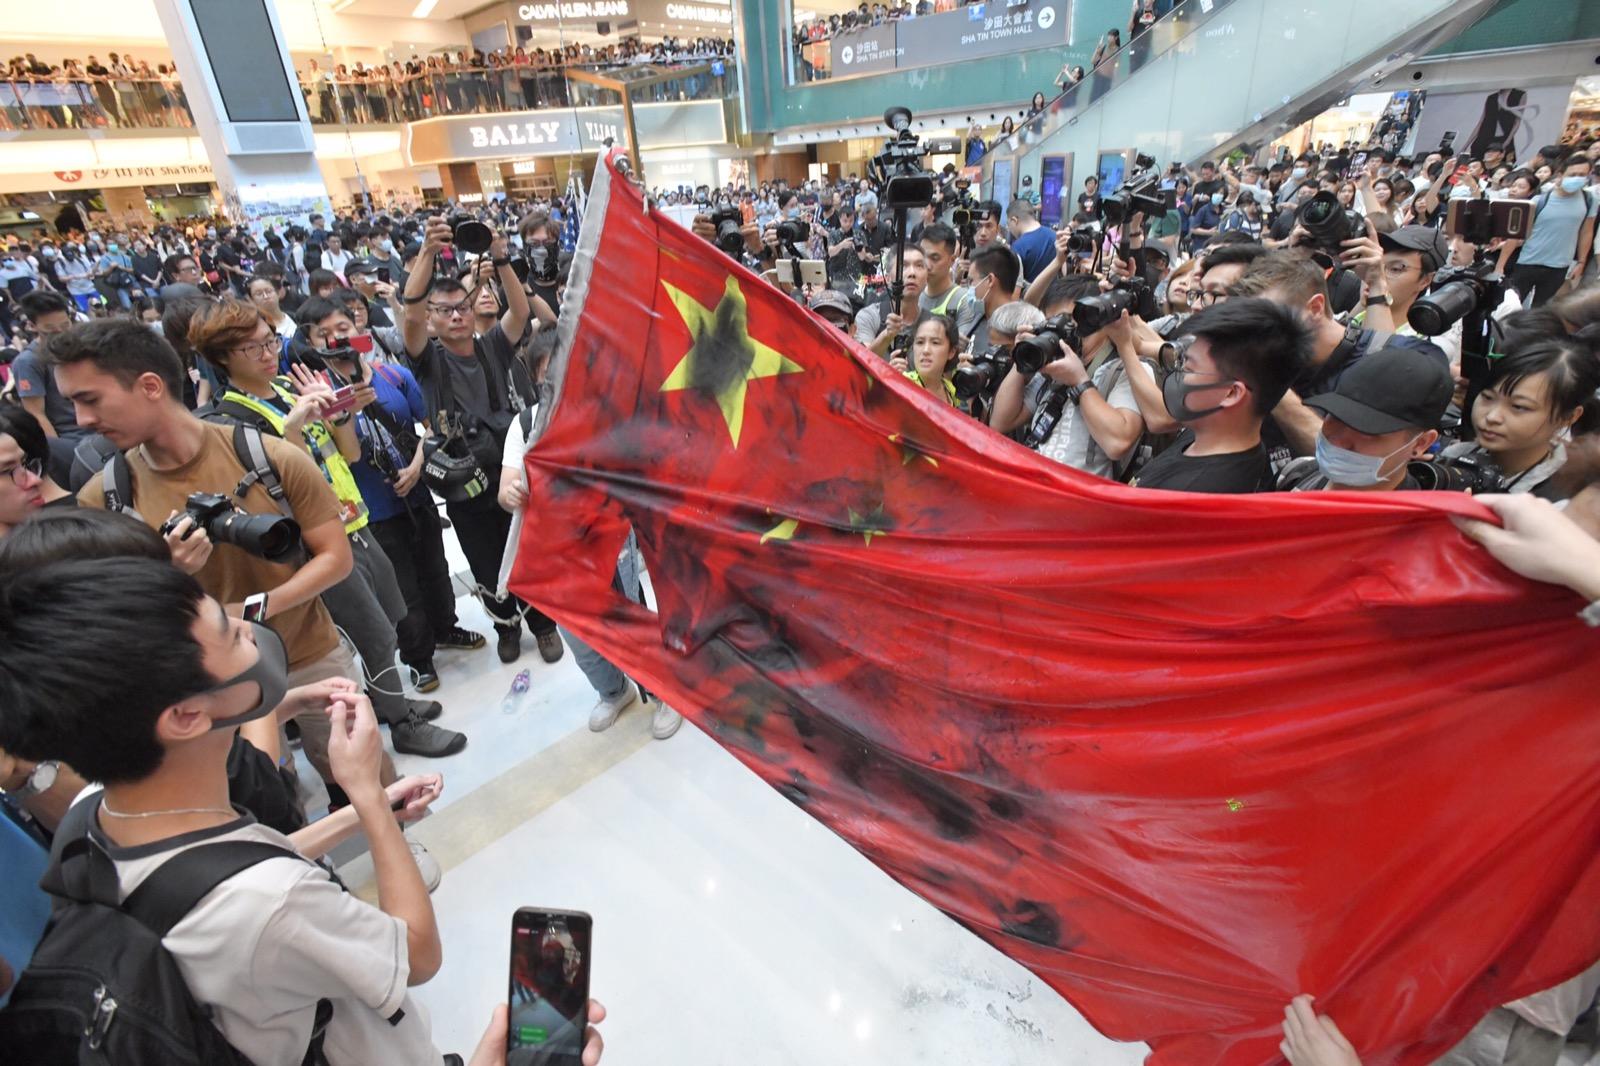 沙田大會堂國旗被拆下被人踐踏